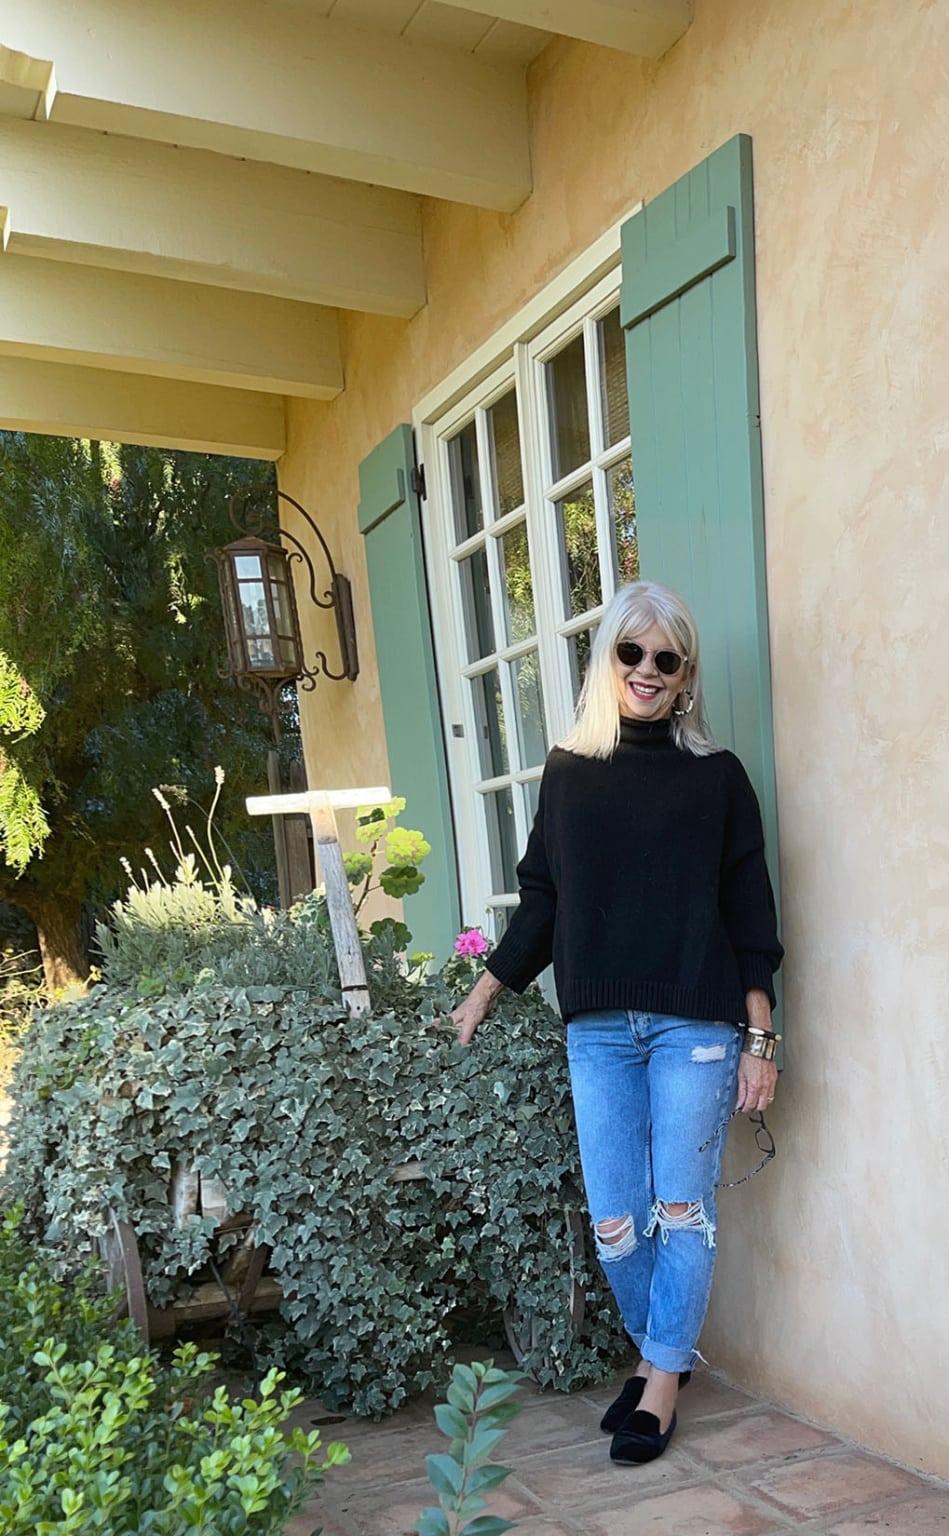 cindy hattersley in H&M jeans and black mockneck